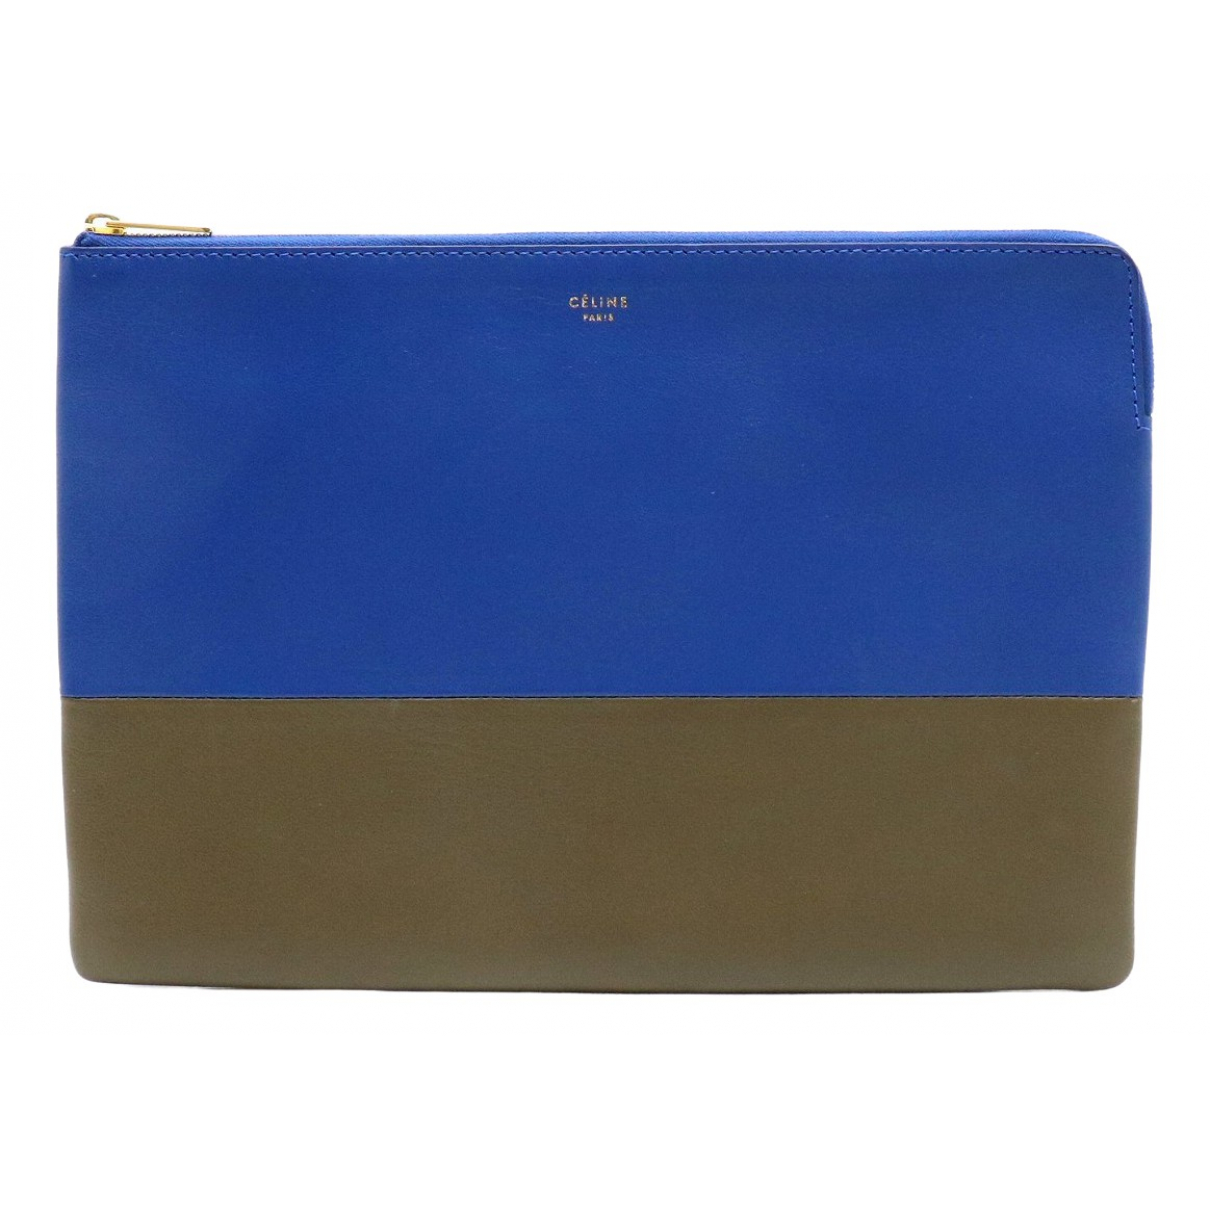 Celine - Pochette   pour femme en cuir - bleu